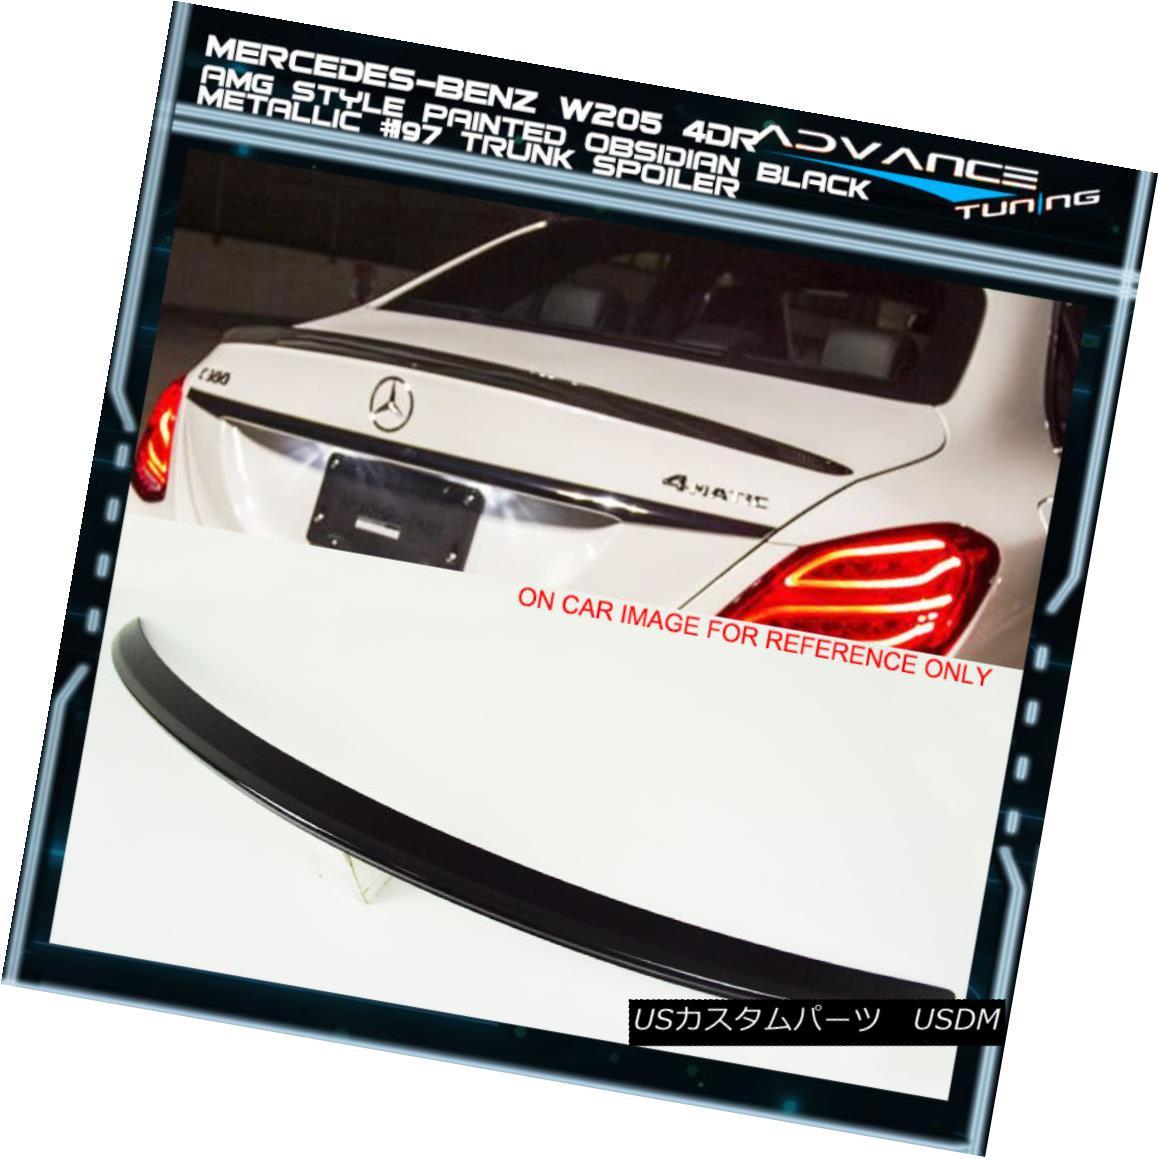 エアロパーツ 15-18 W205 AMG ABS Trunk Spoiler OEM Painted Color Obsidian Black Metallic # 197 15-18 W205 AMG ABSトランク・スポイラーOEM塗装カラーObsidian Black Metallic#197